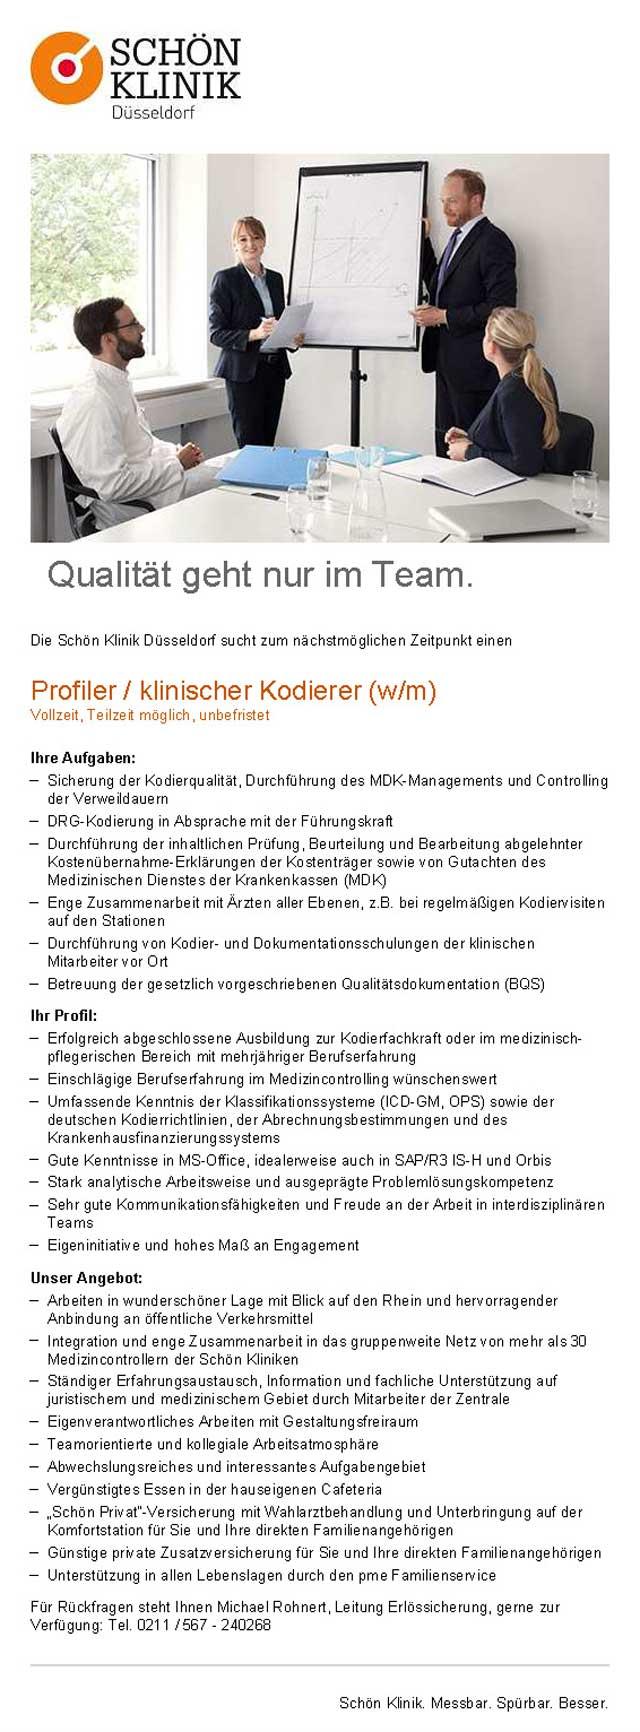 Schön Klinik Düsseldorf: Profiler / klinischer Kodierer (w/m)